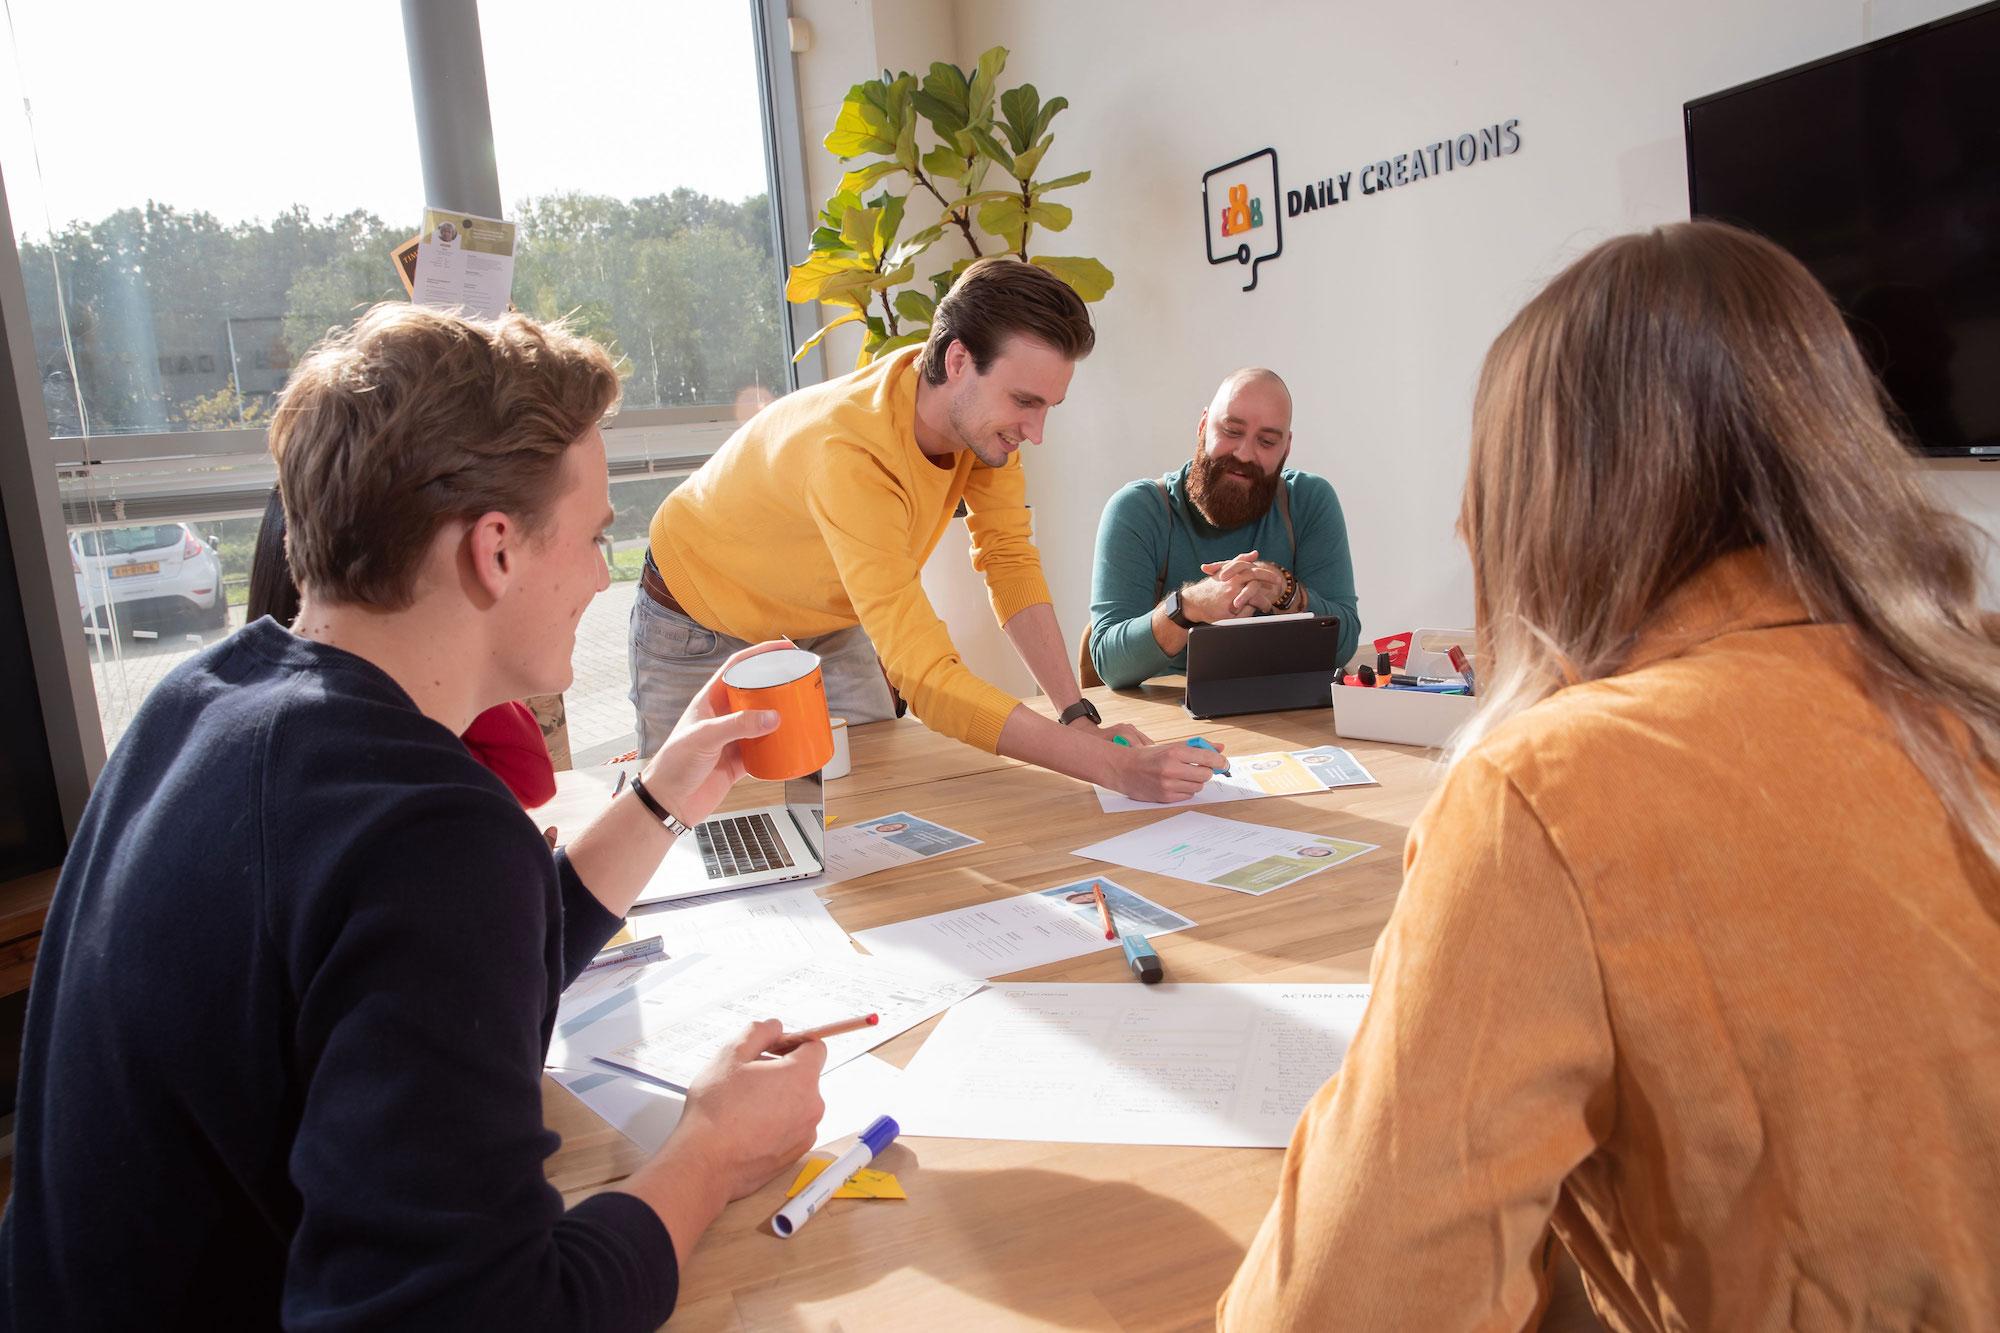 Creatieve sessie met collega's op kantoor